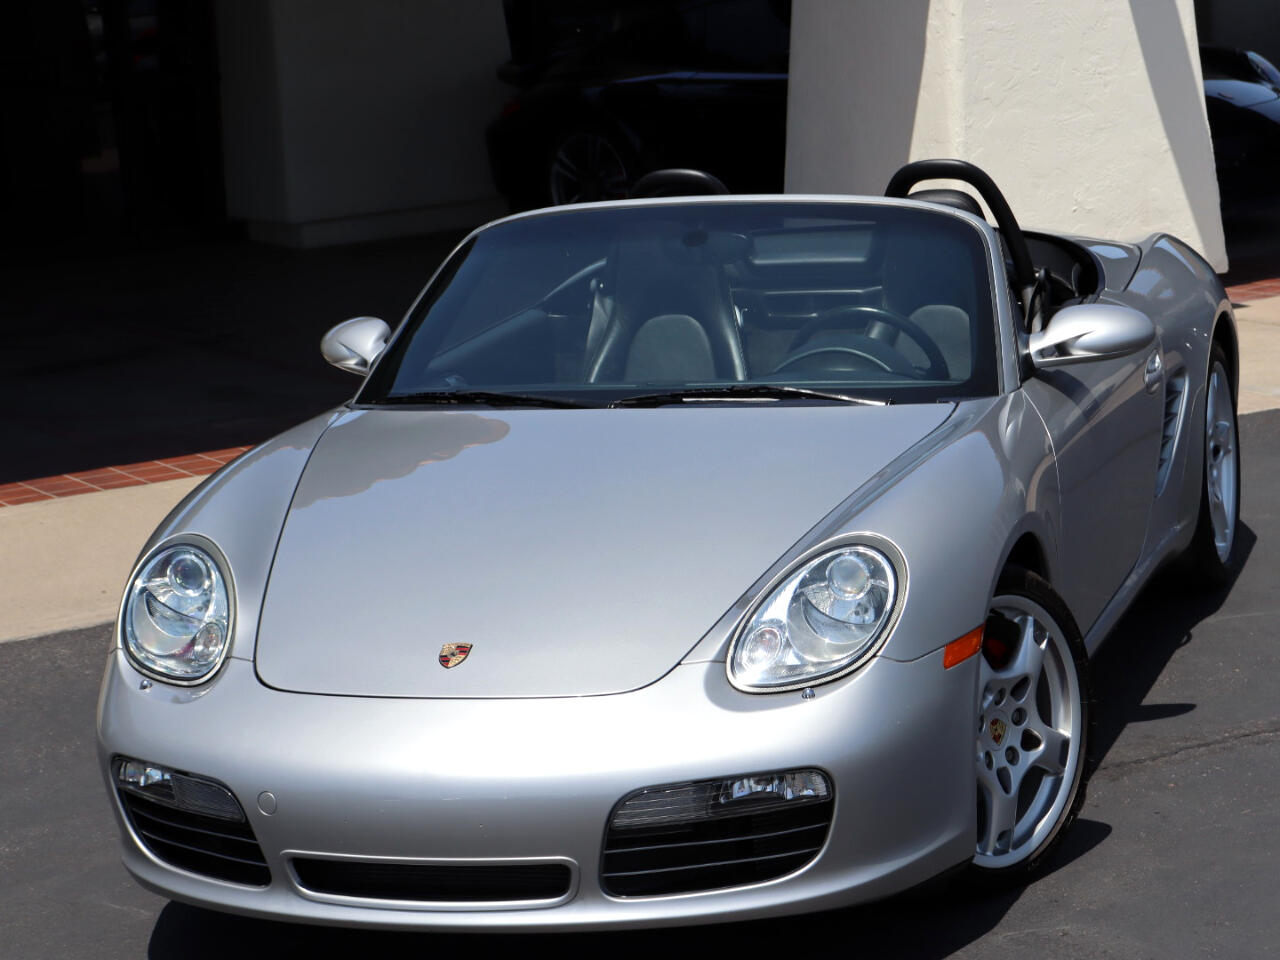 Porsche Boxster S 2005